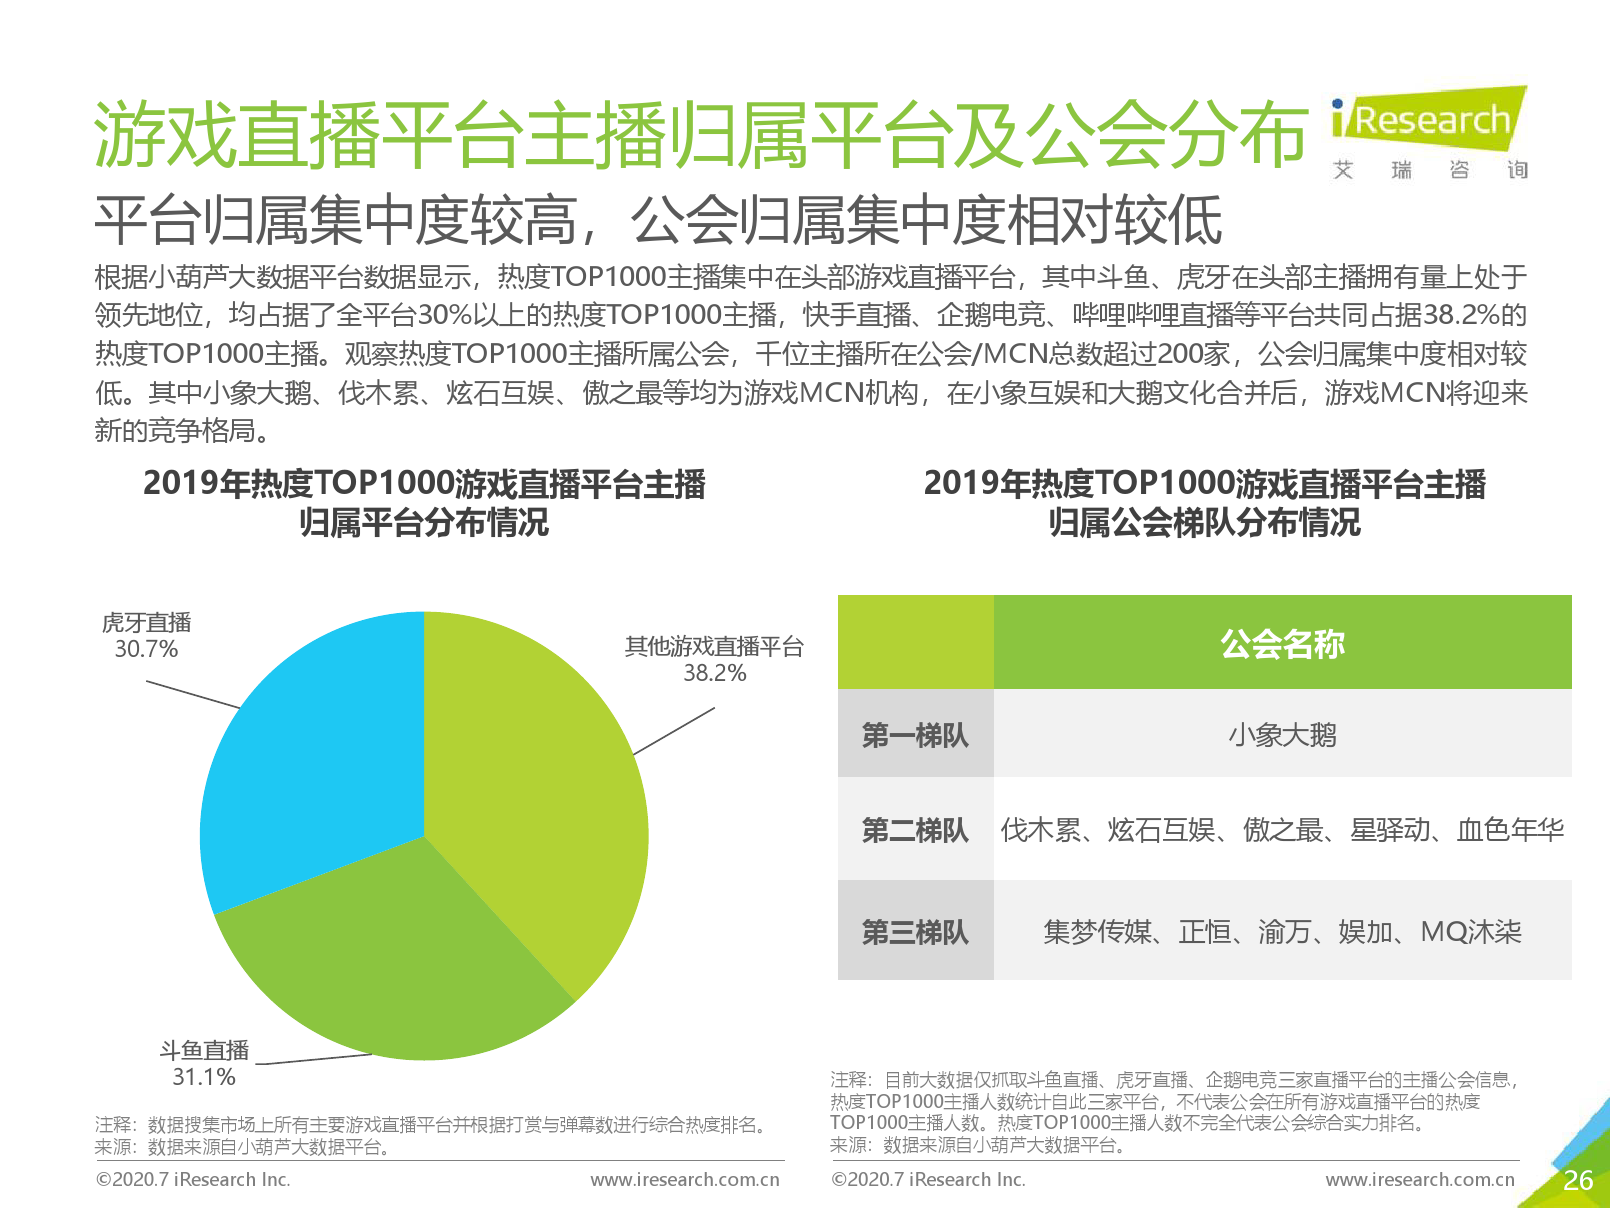 艾瑞咨询:2020年中国游戏直播行业研究报告(可下载报告)插图(51)